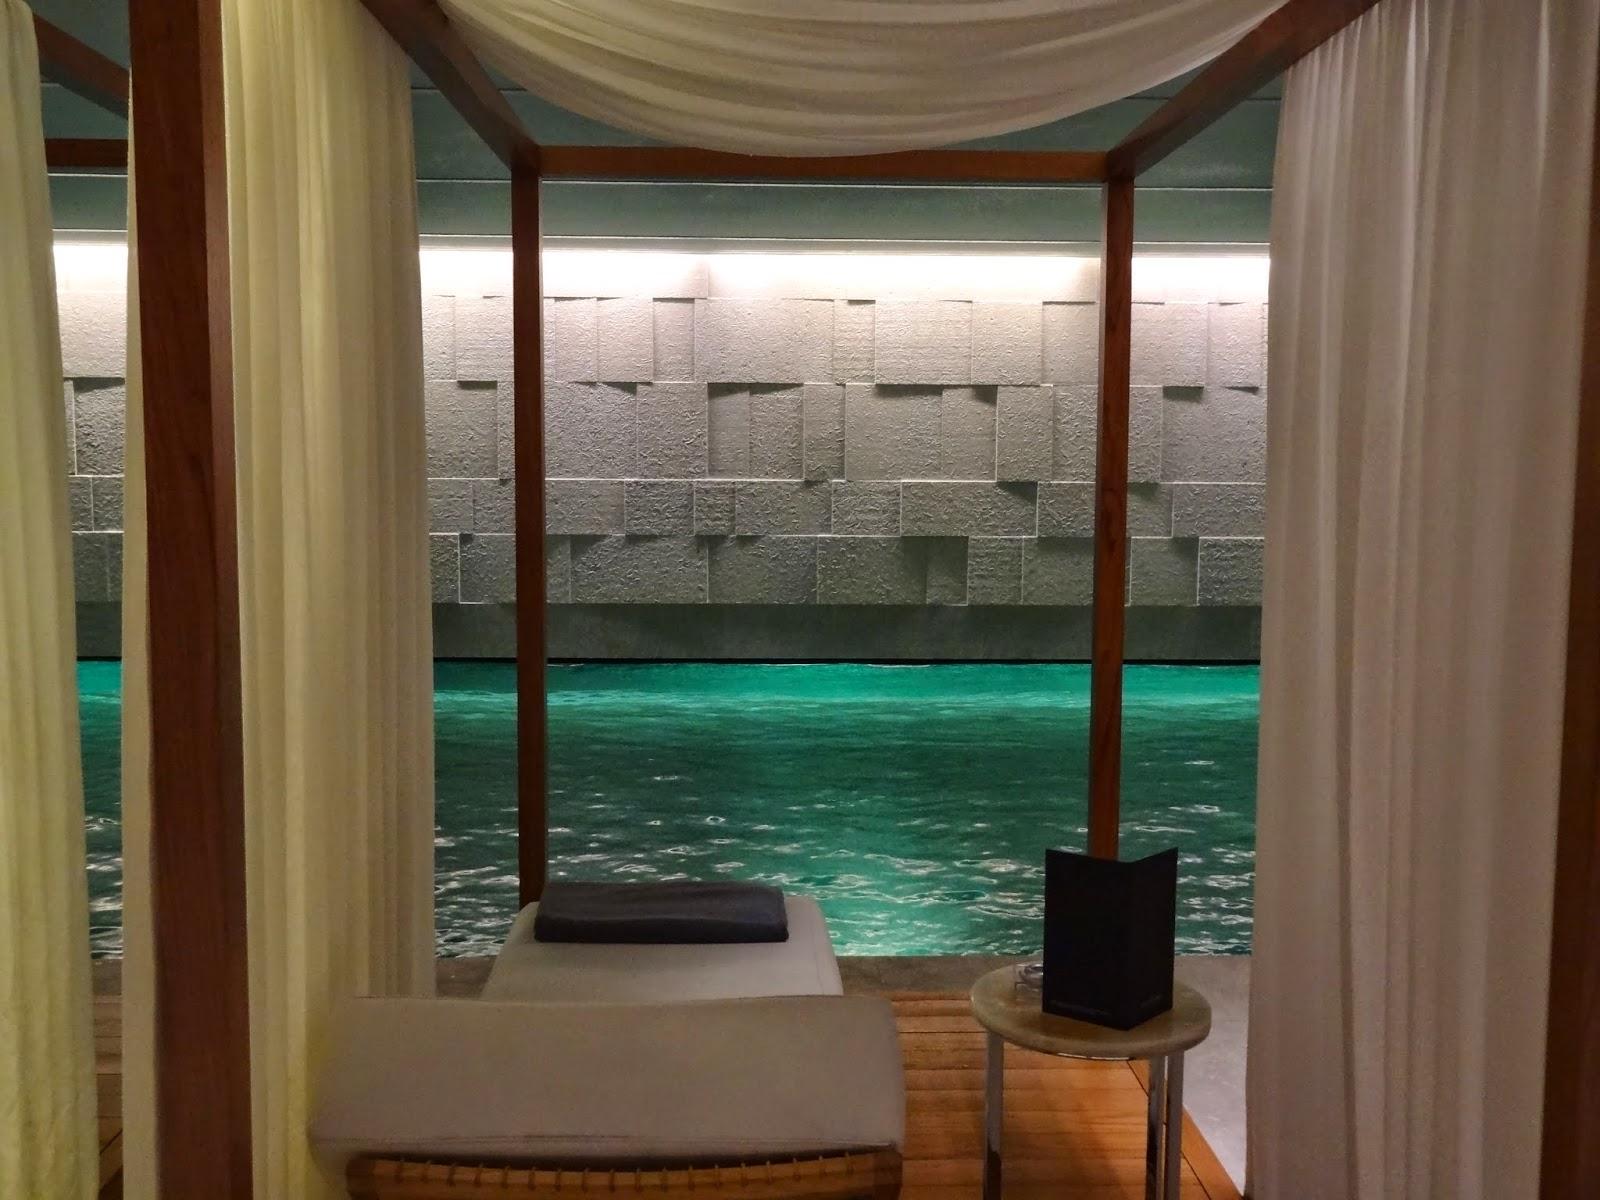 TBE+The+Bulgari+Spa+Pool+Side.JPG